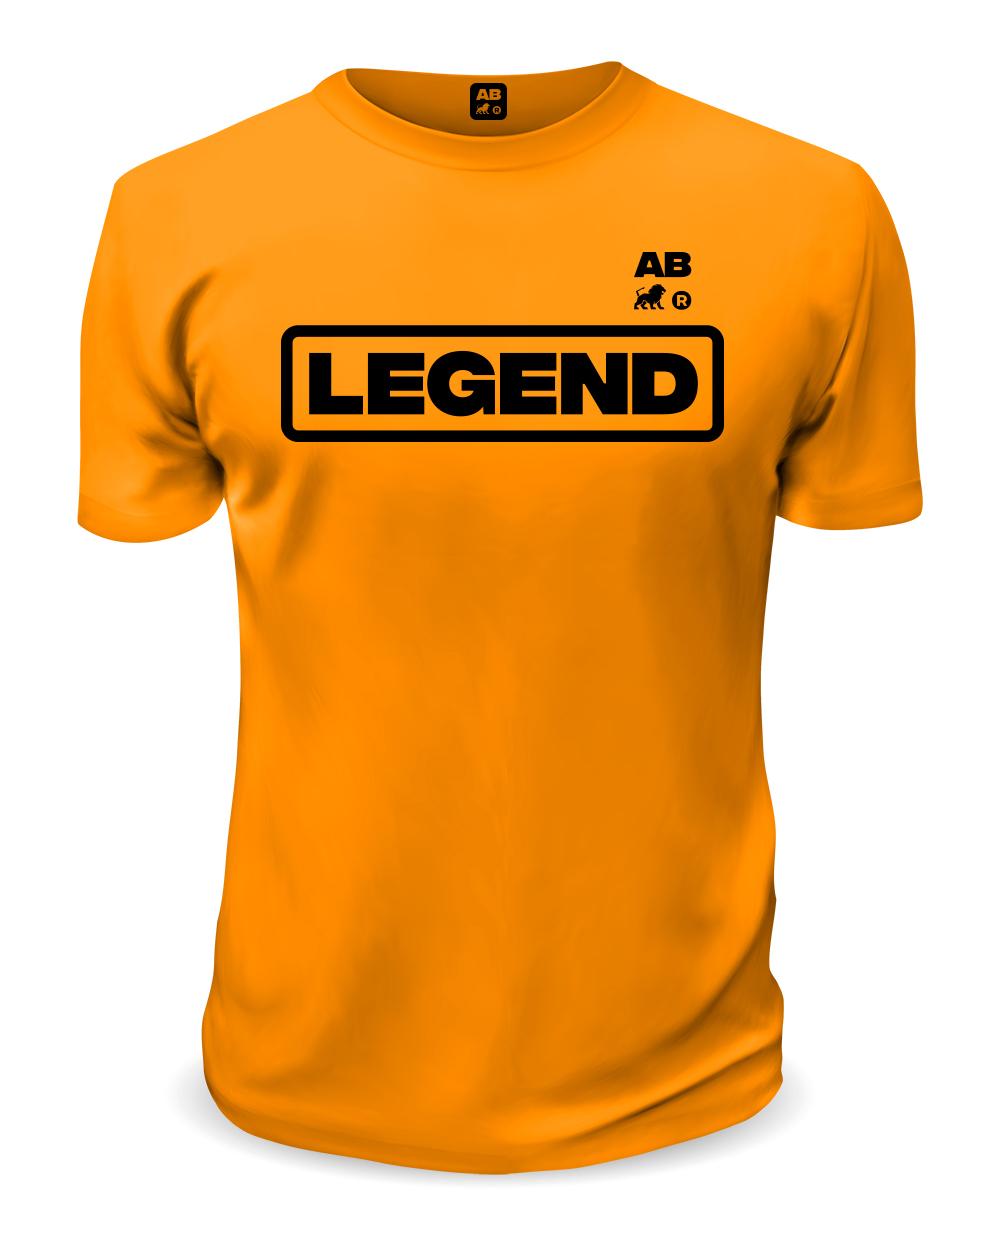 alphaboy-tshirt-legend.jpg